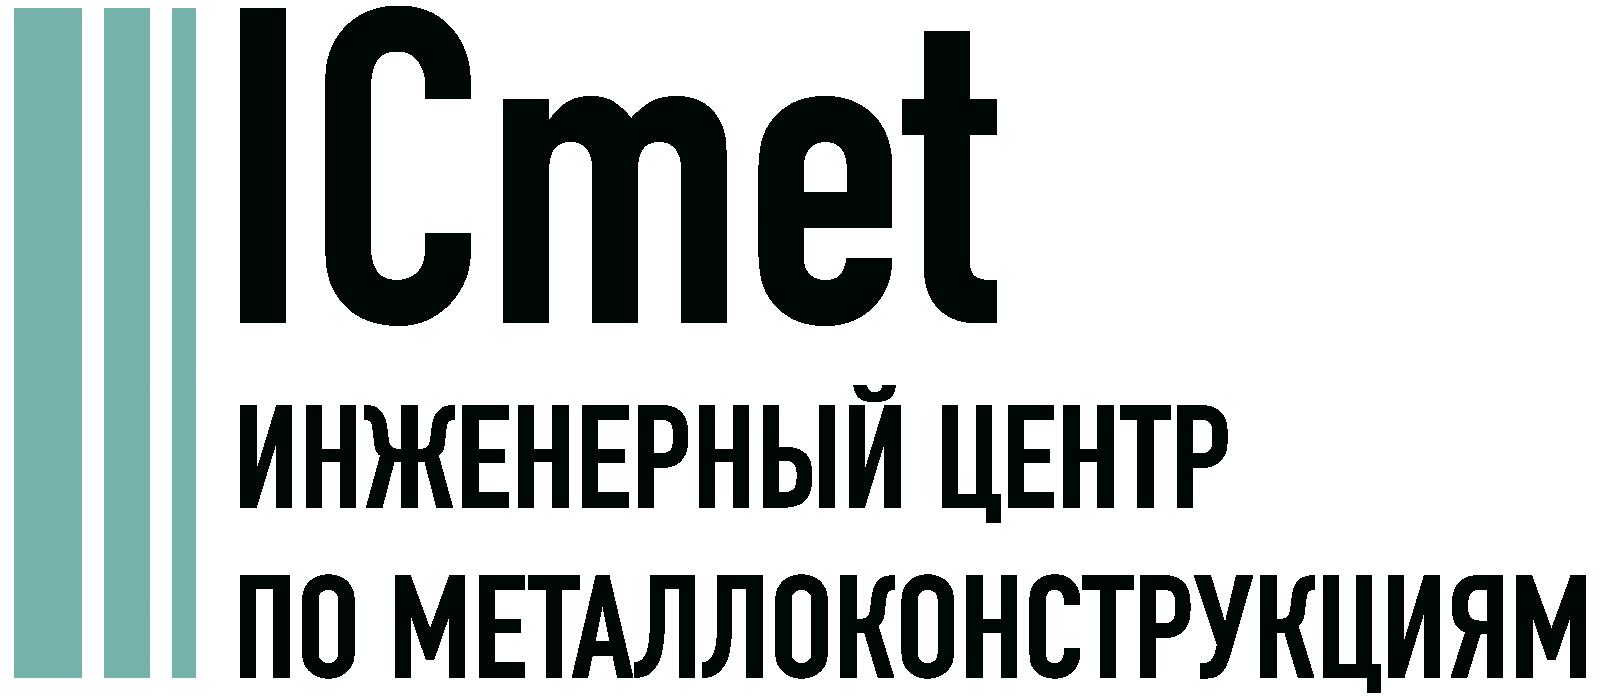 Проектирование металлоконструкций в Тюмени